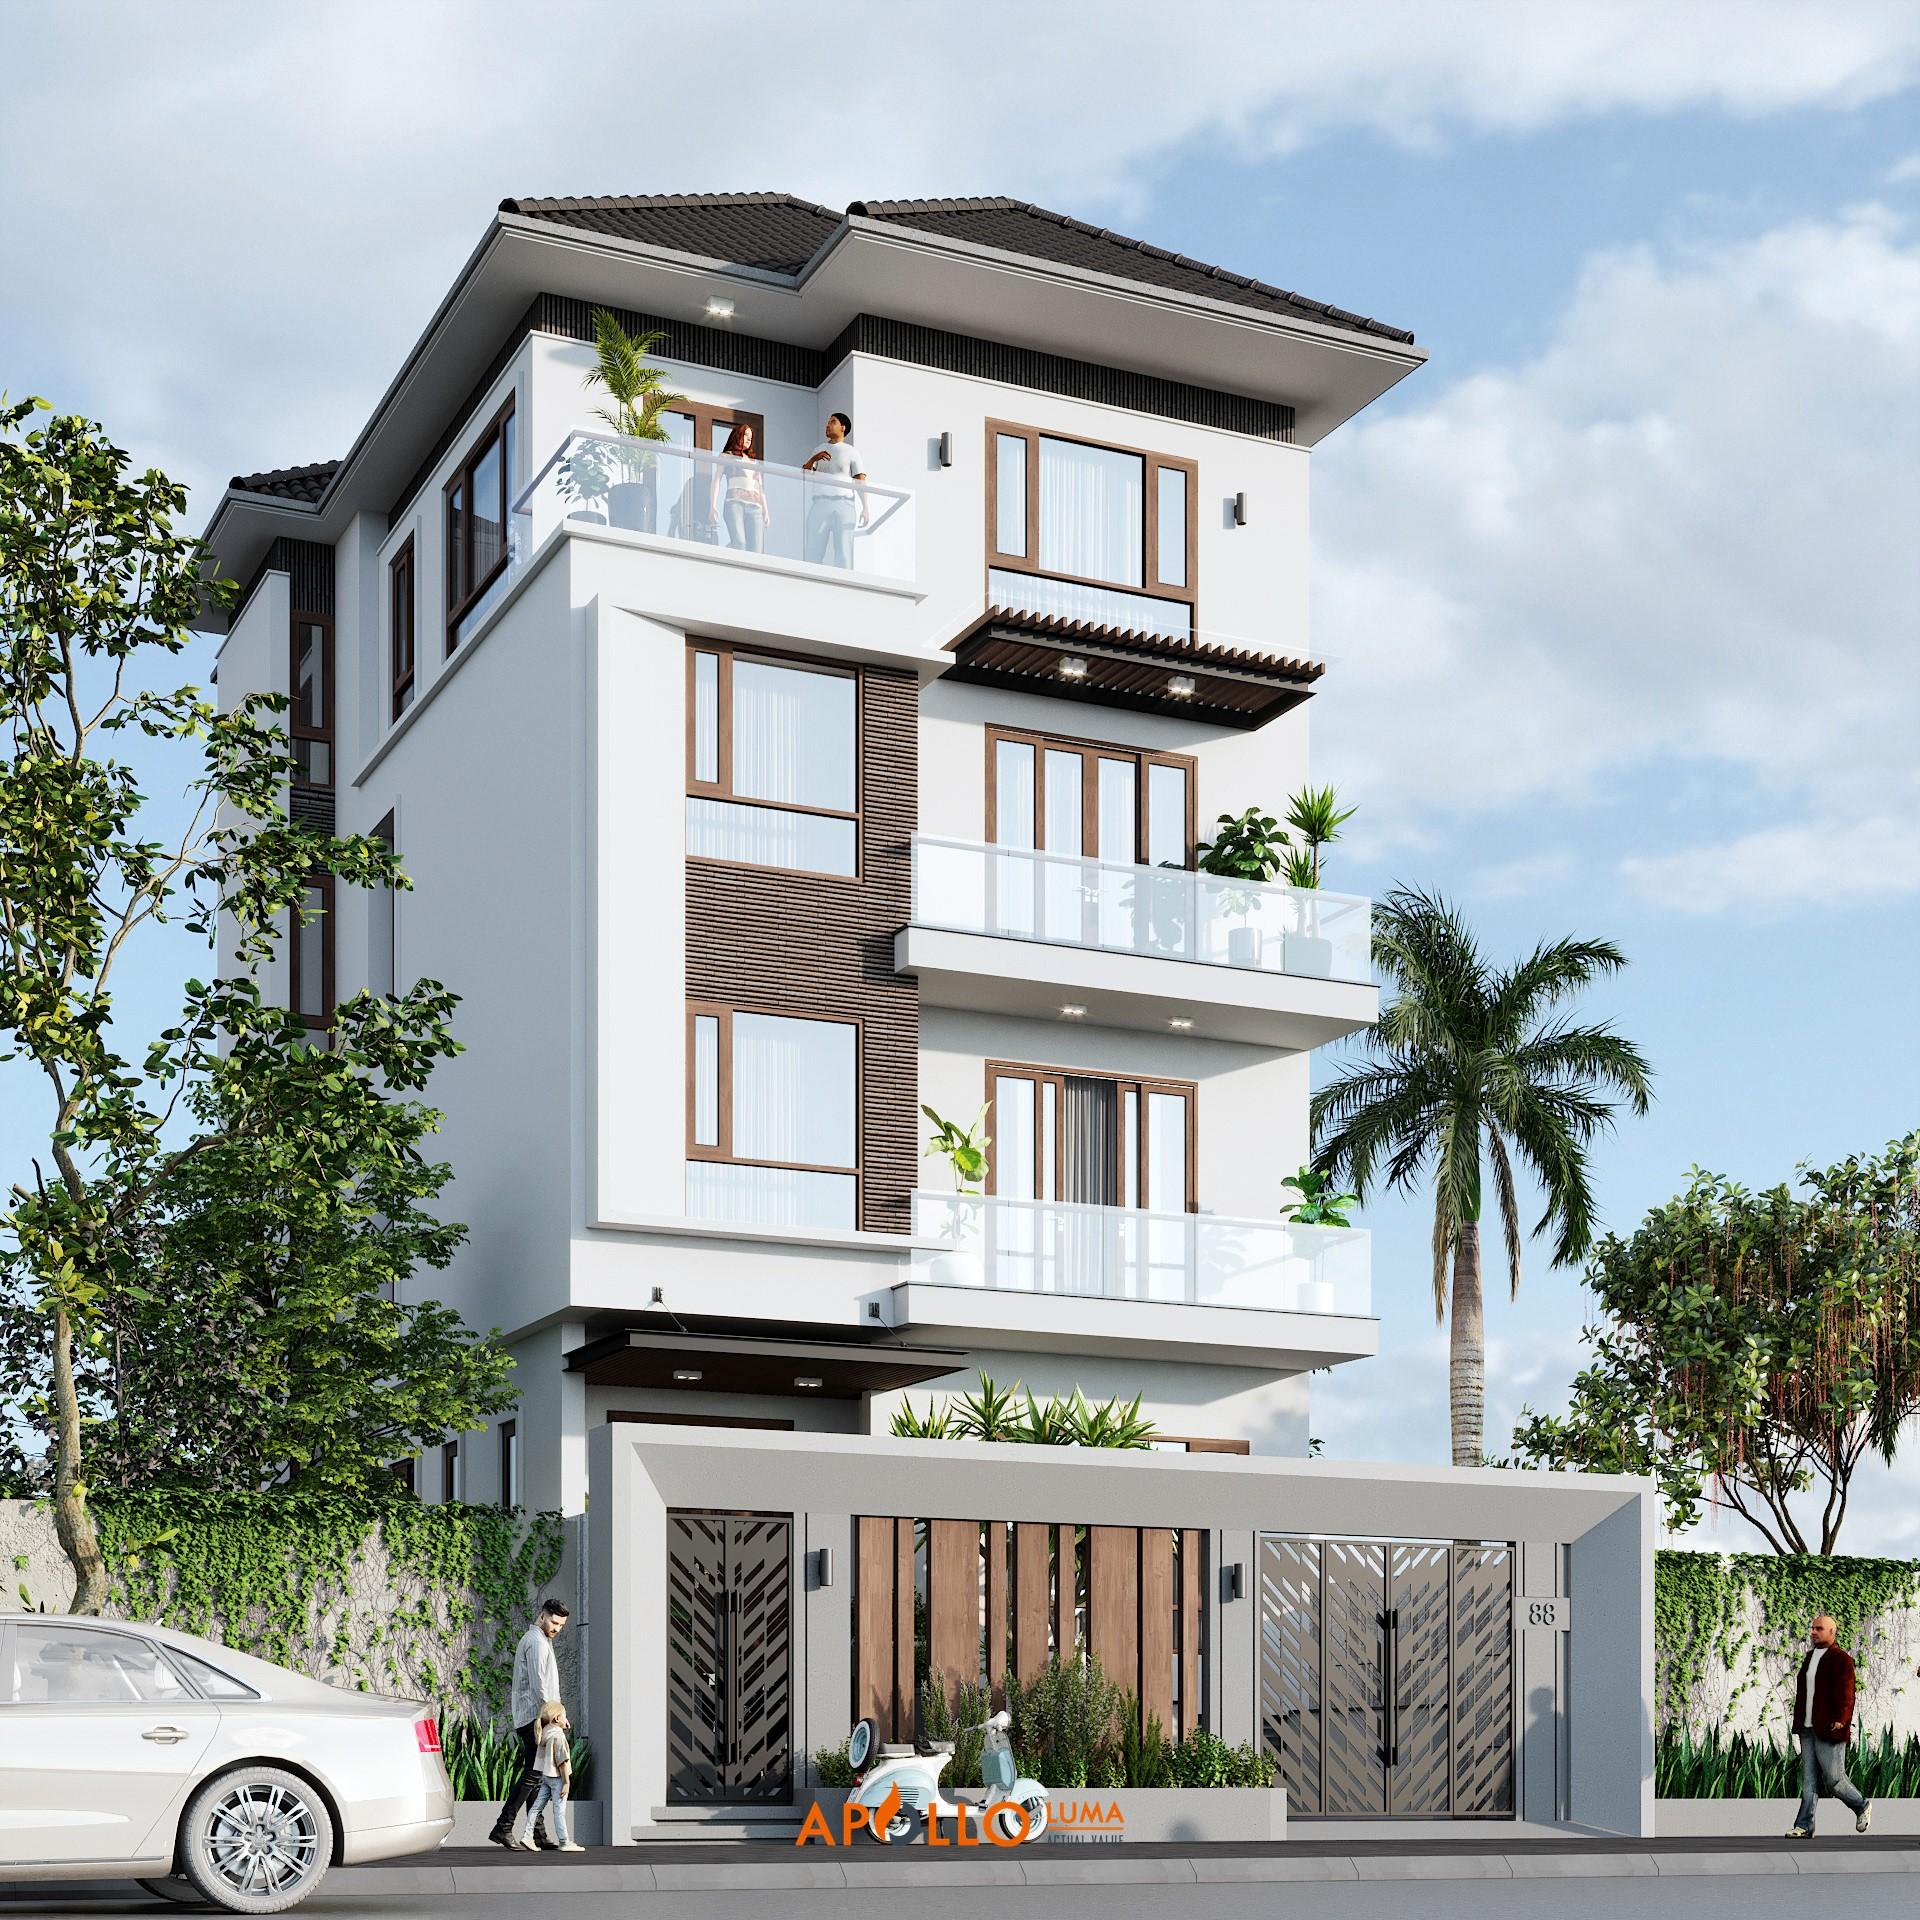 Mẫu thiết kế nhà phố 3 tầng tại Sóc Sơn - NP02